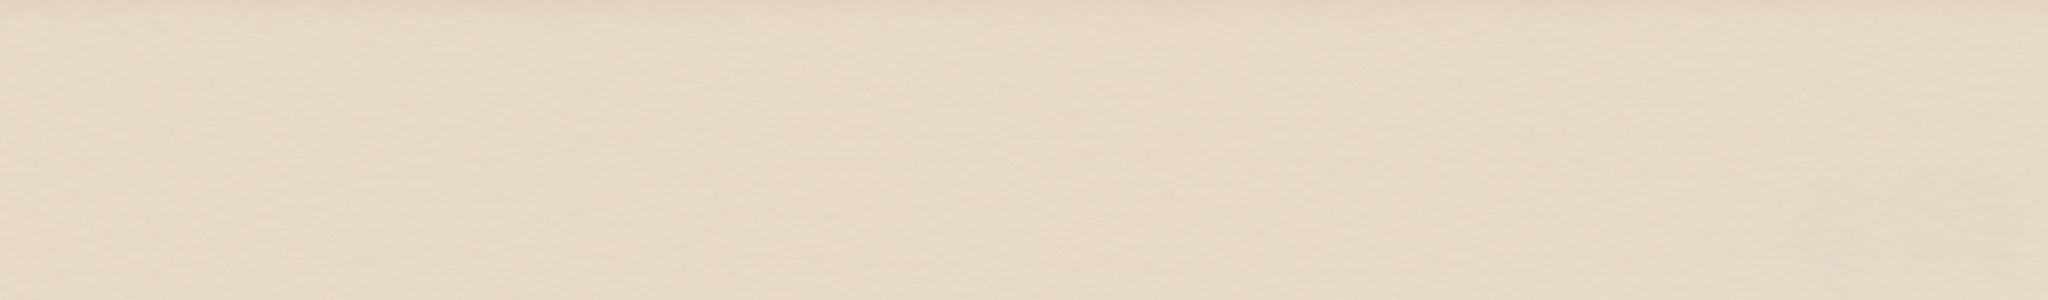 HU 18622 ABS hrana hnědá světlá perla jemná 107